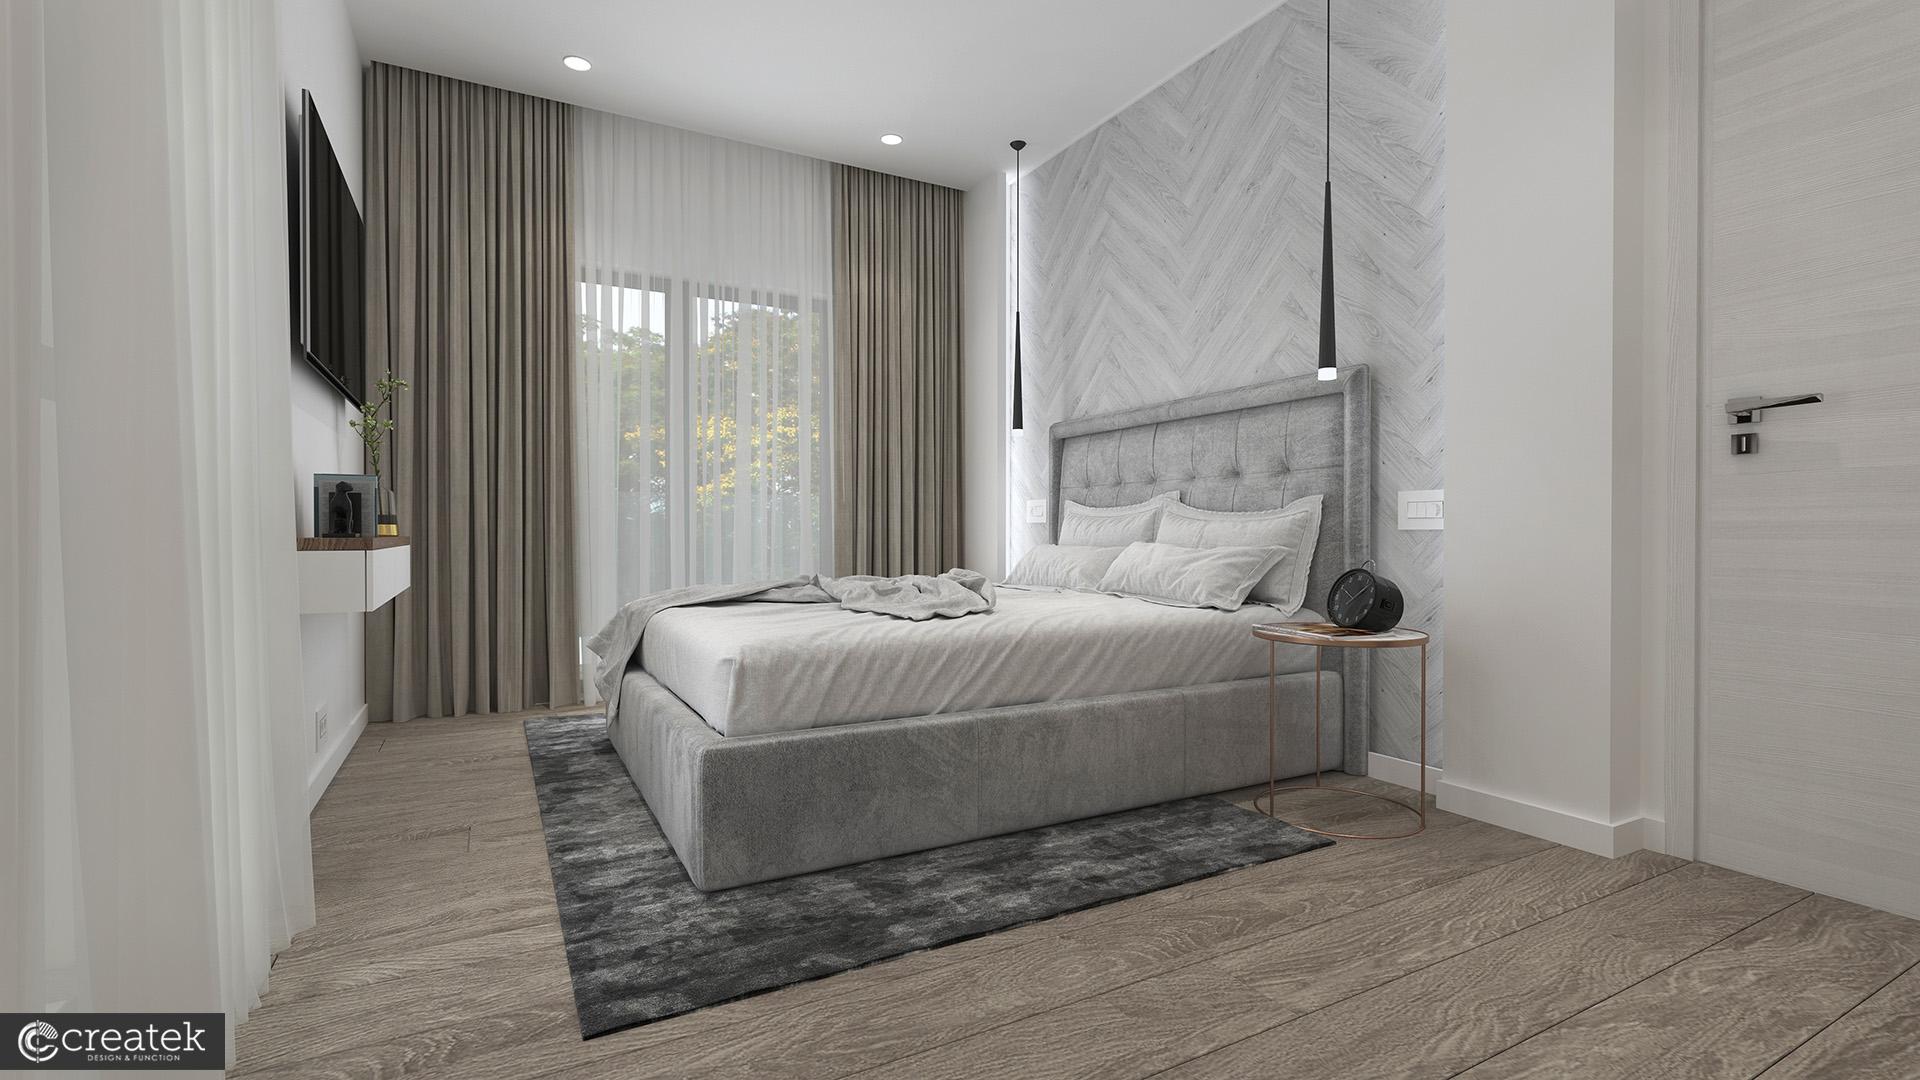 024-Dormitor-Matrimonial-Design-Interior-Casa-Ovidiu-Lac